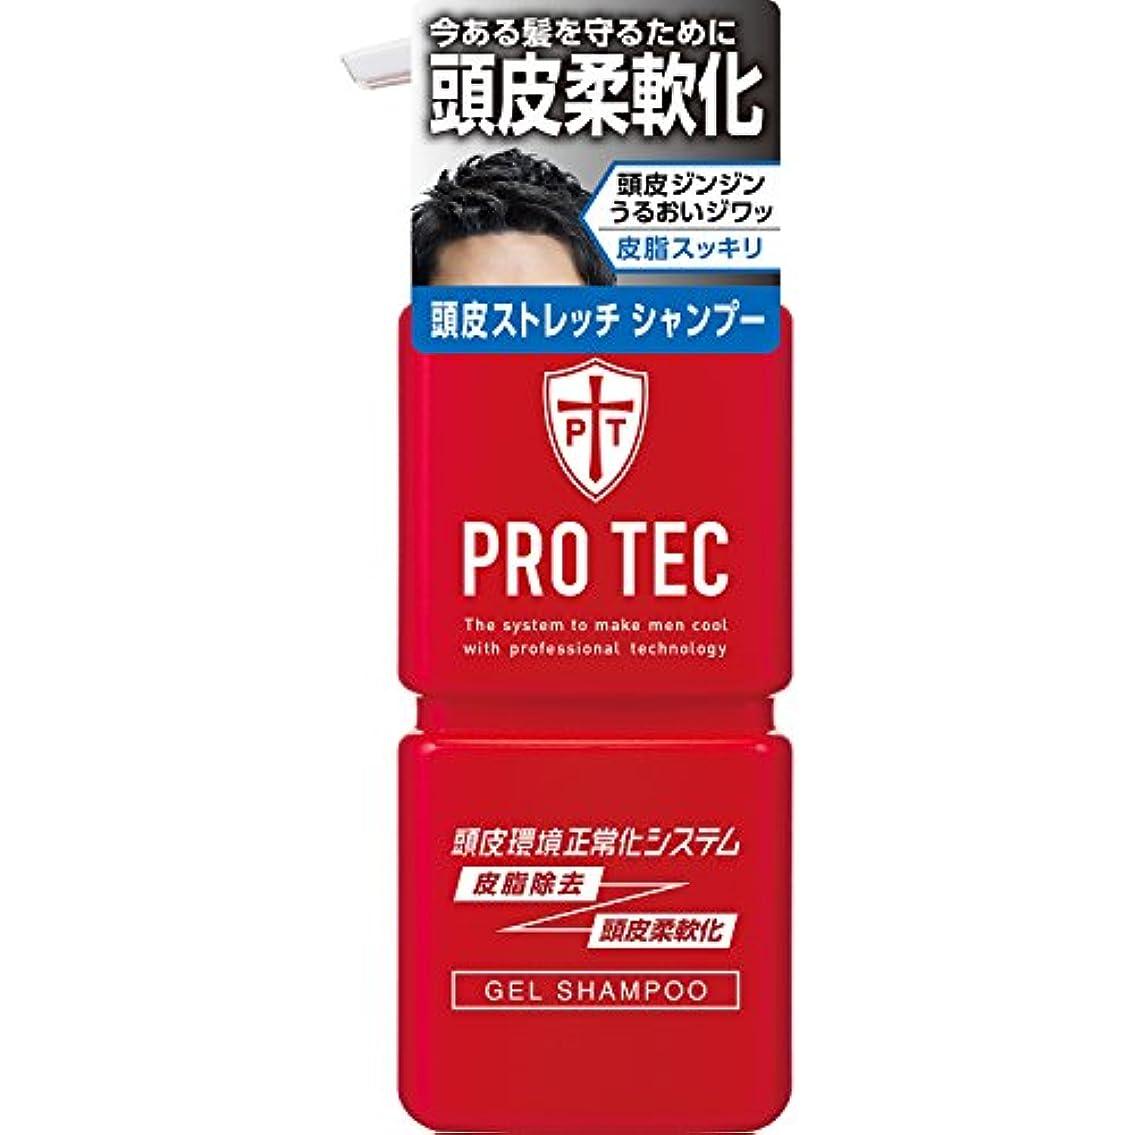 心臓被害者軍隊PRO TEC(プロテク) 頭皮ストレッチ シャンプー 本体ポンプ 300g(医薬部外品)